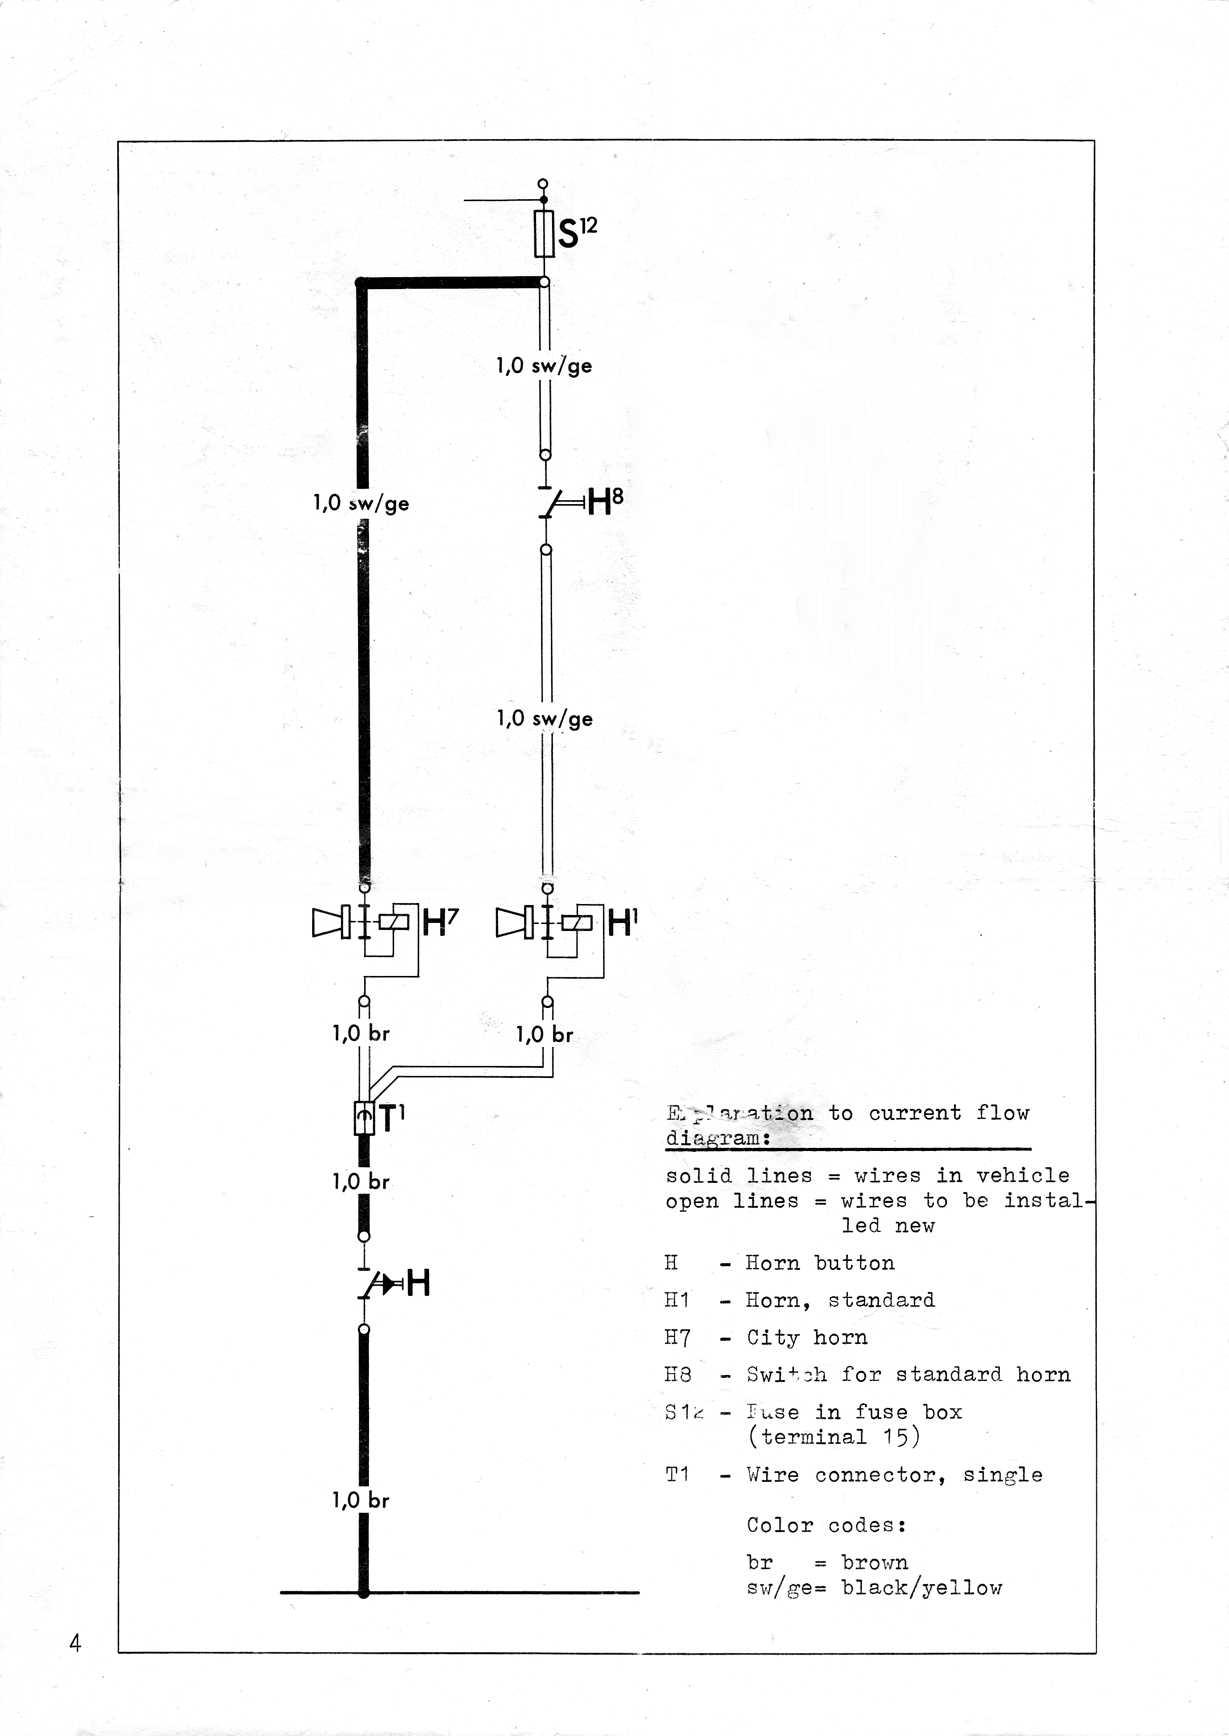 hight resolution of  zusatzstromlaufplan zusatz hupe city horn september 1973